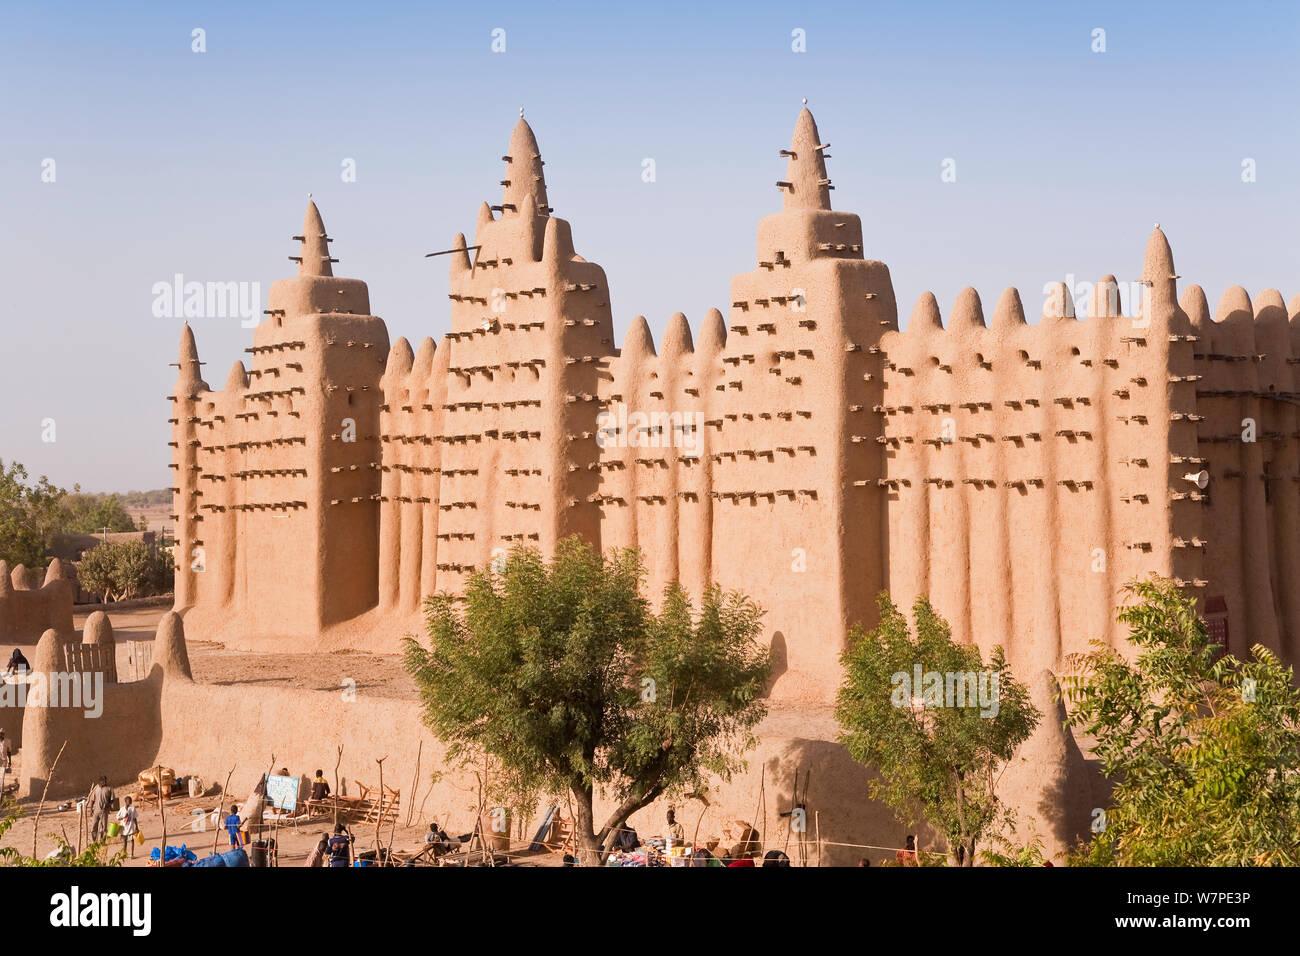 Mezquita De Djenne La Ciudad De Barro Más Grande En El Mundo Estructura De Djenne Es